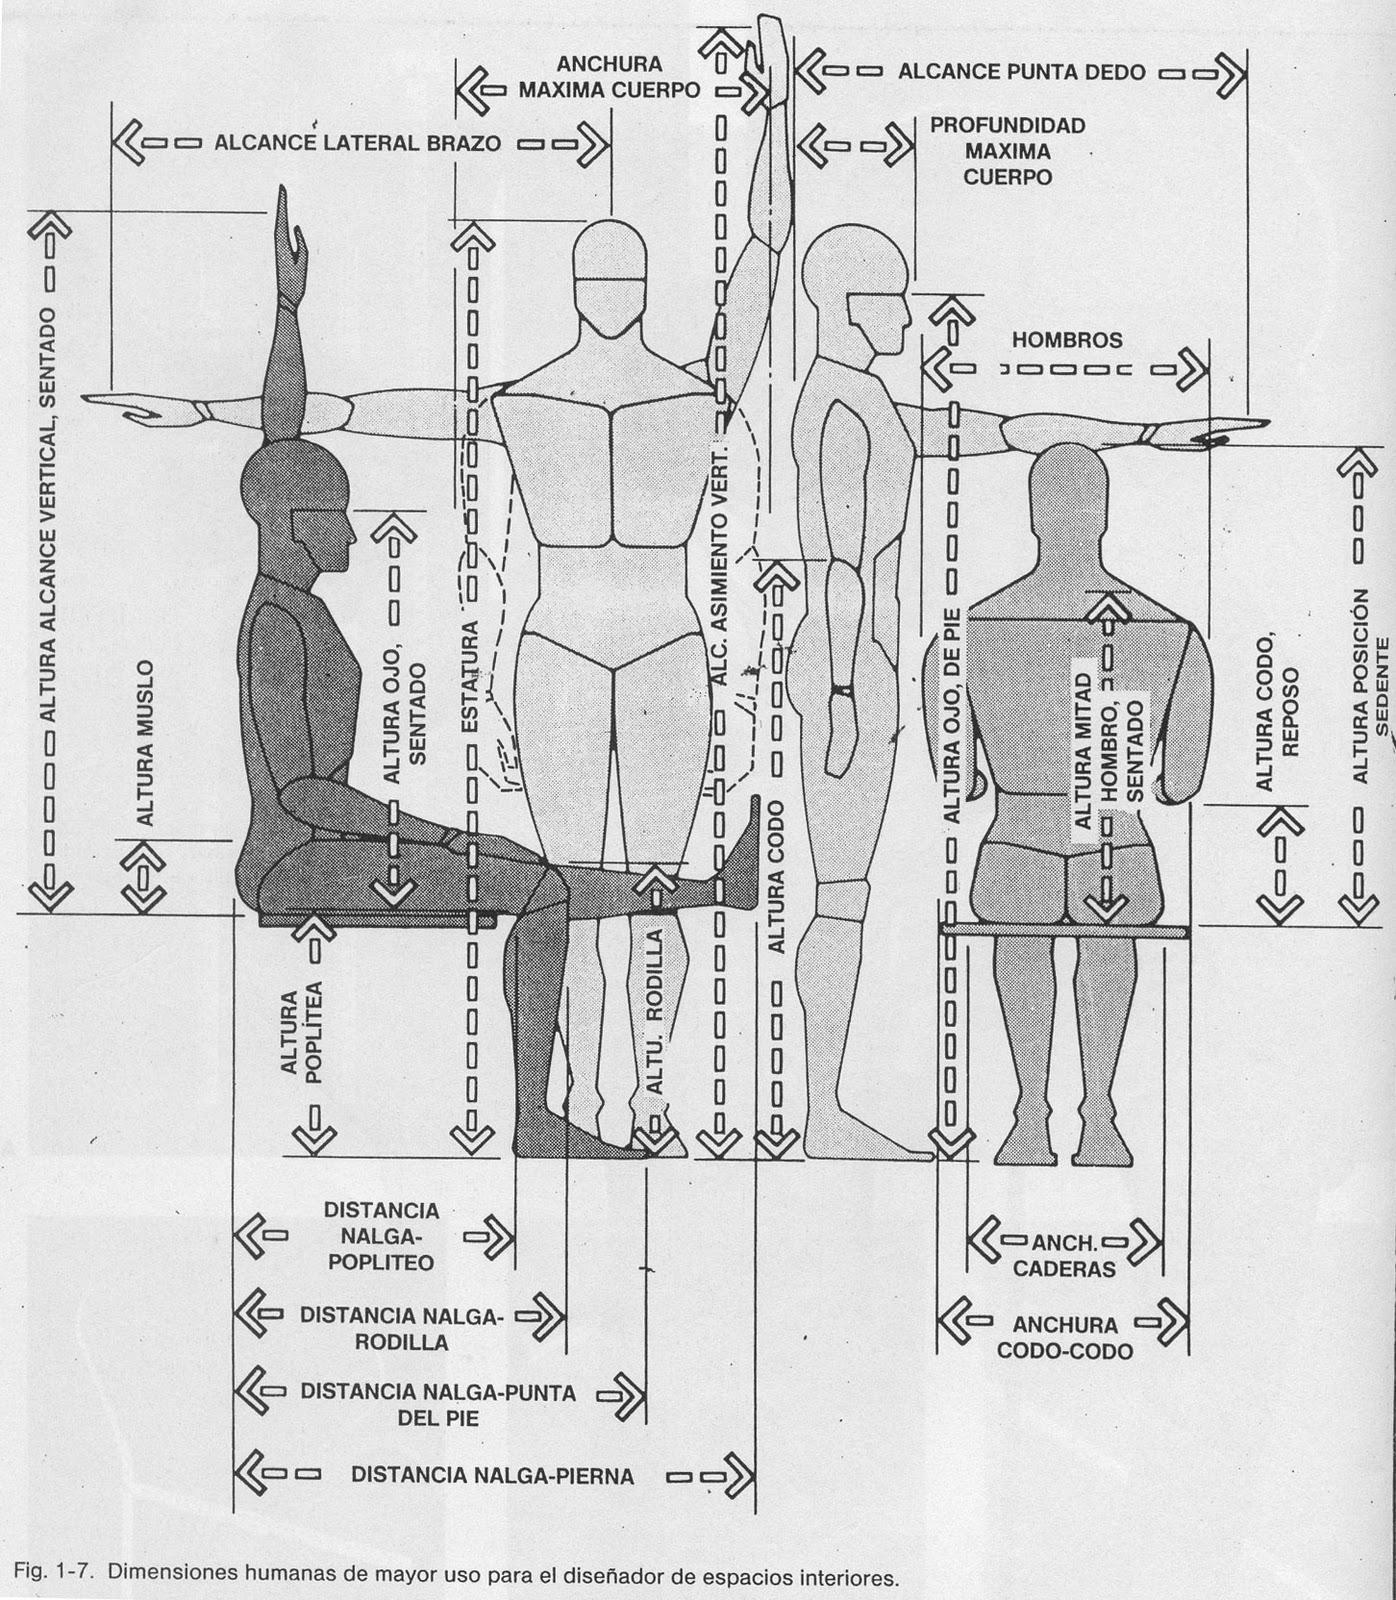 Ergonom a y salud ocupacional t cnicas de la ergonom a for Medidas antropometricas del cuerpo humano